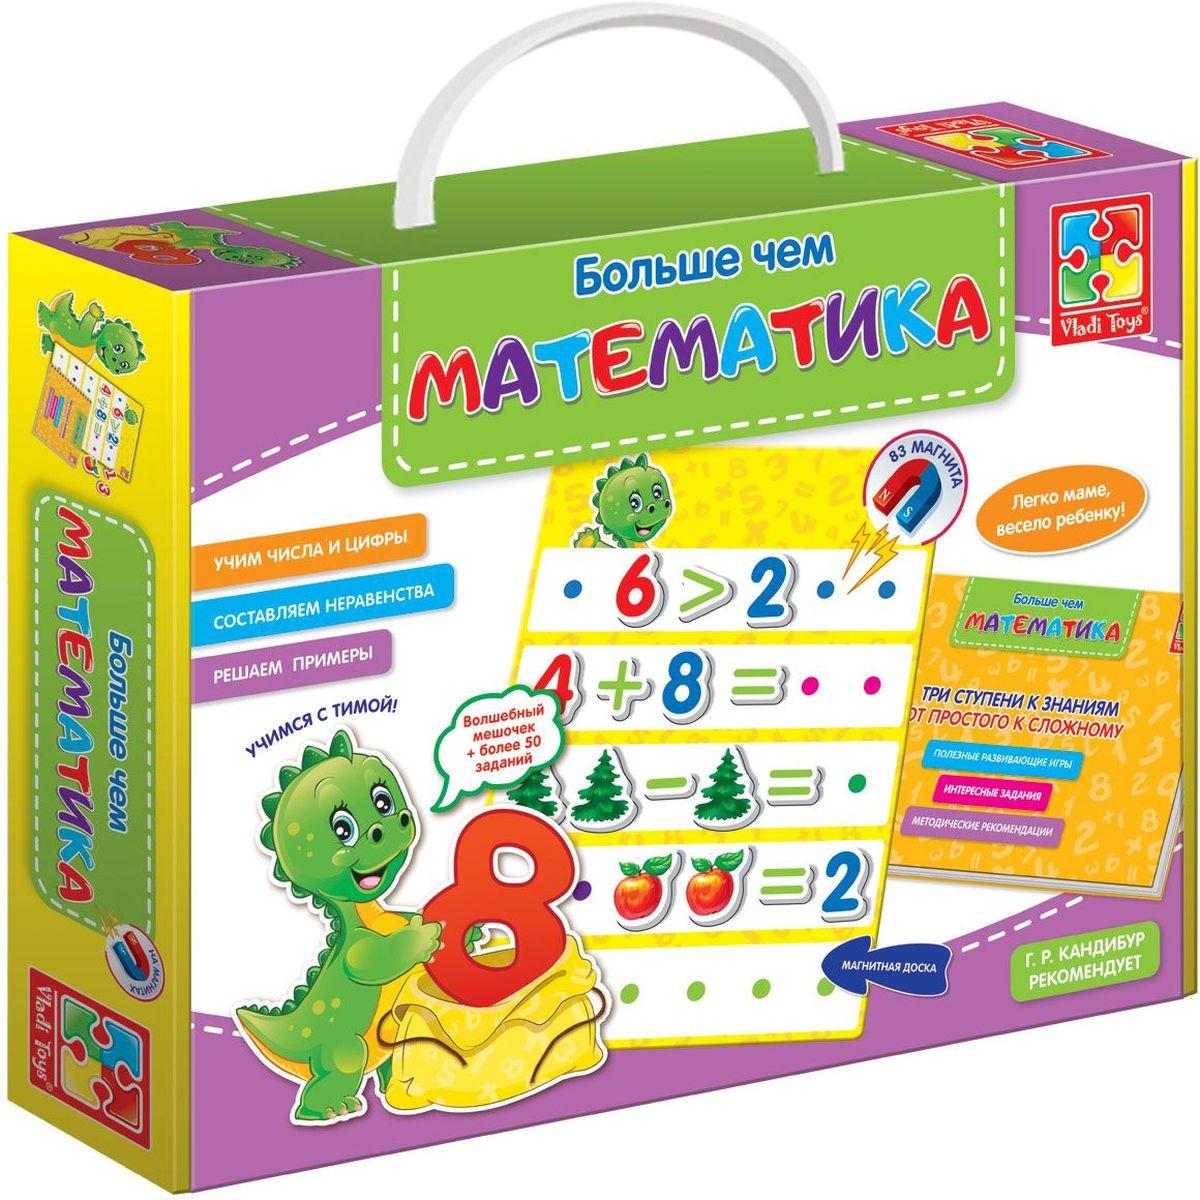 Vladi Toys Обучающая игра Больше чем математикаVT2801-06Обучающая игра Vladi Toys Больше чем математика включает 30 магнитных цифр, 13 магнитных знаков, 40 магнитных картинок, магнитную доску, пособие с заданиями, наклейку-декор и мешочек из ткани. Особенности: главный герой динозаврик Тима, волшебный мешочек, пособие с простыми и понятными заданиями, комплексный подход к обучению.